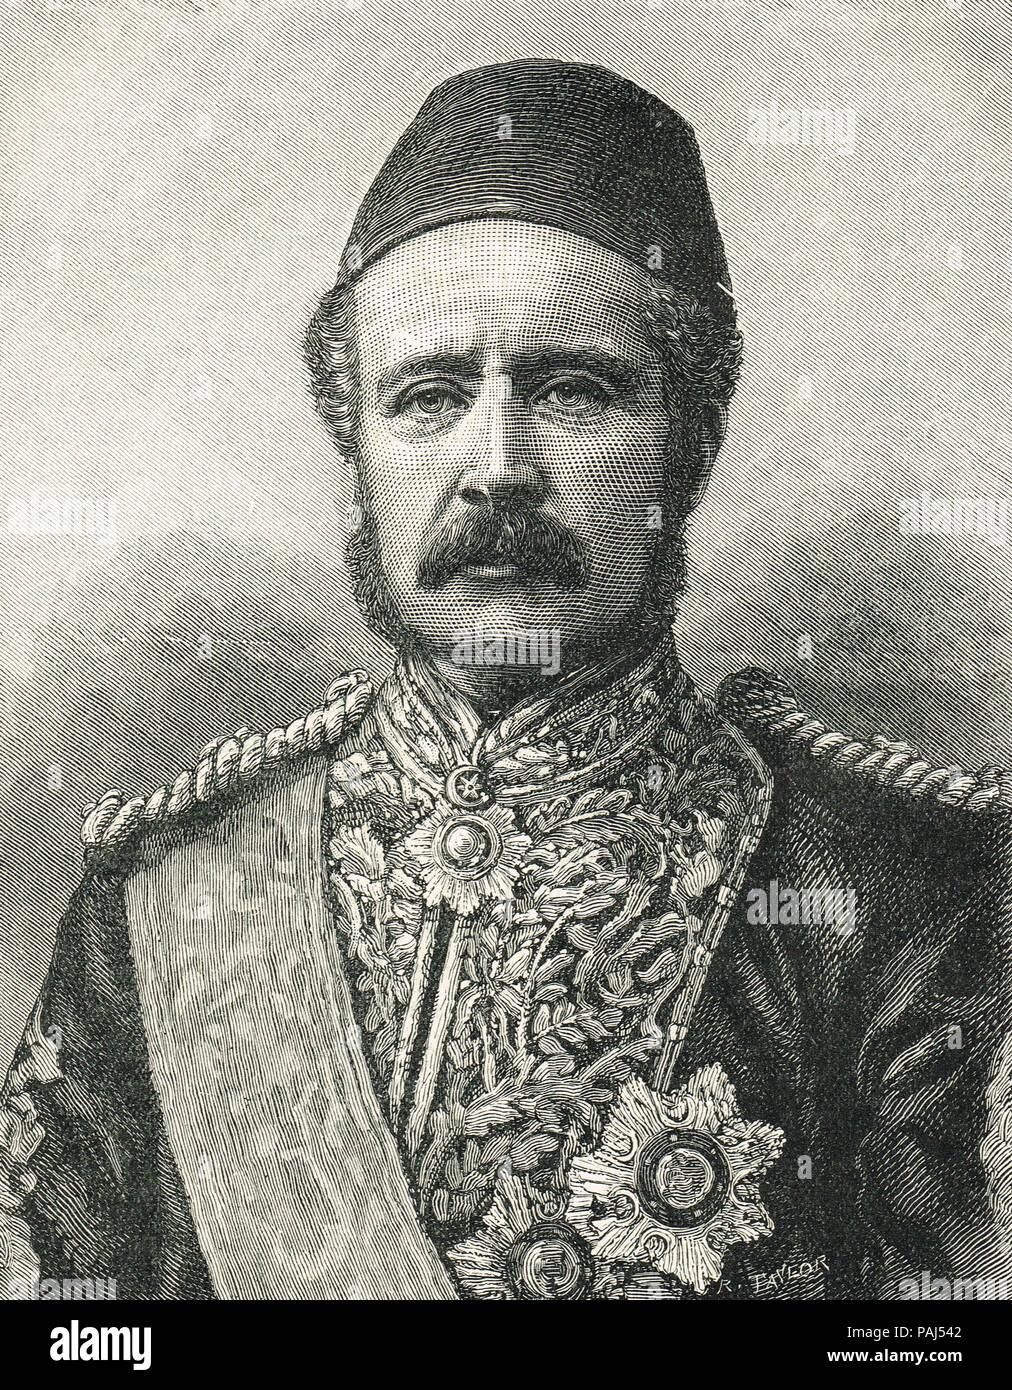 General Gordon, Gordon of Khartoum, 1833-1885 - Stock Image